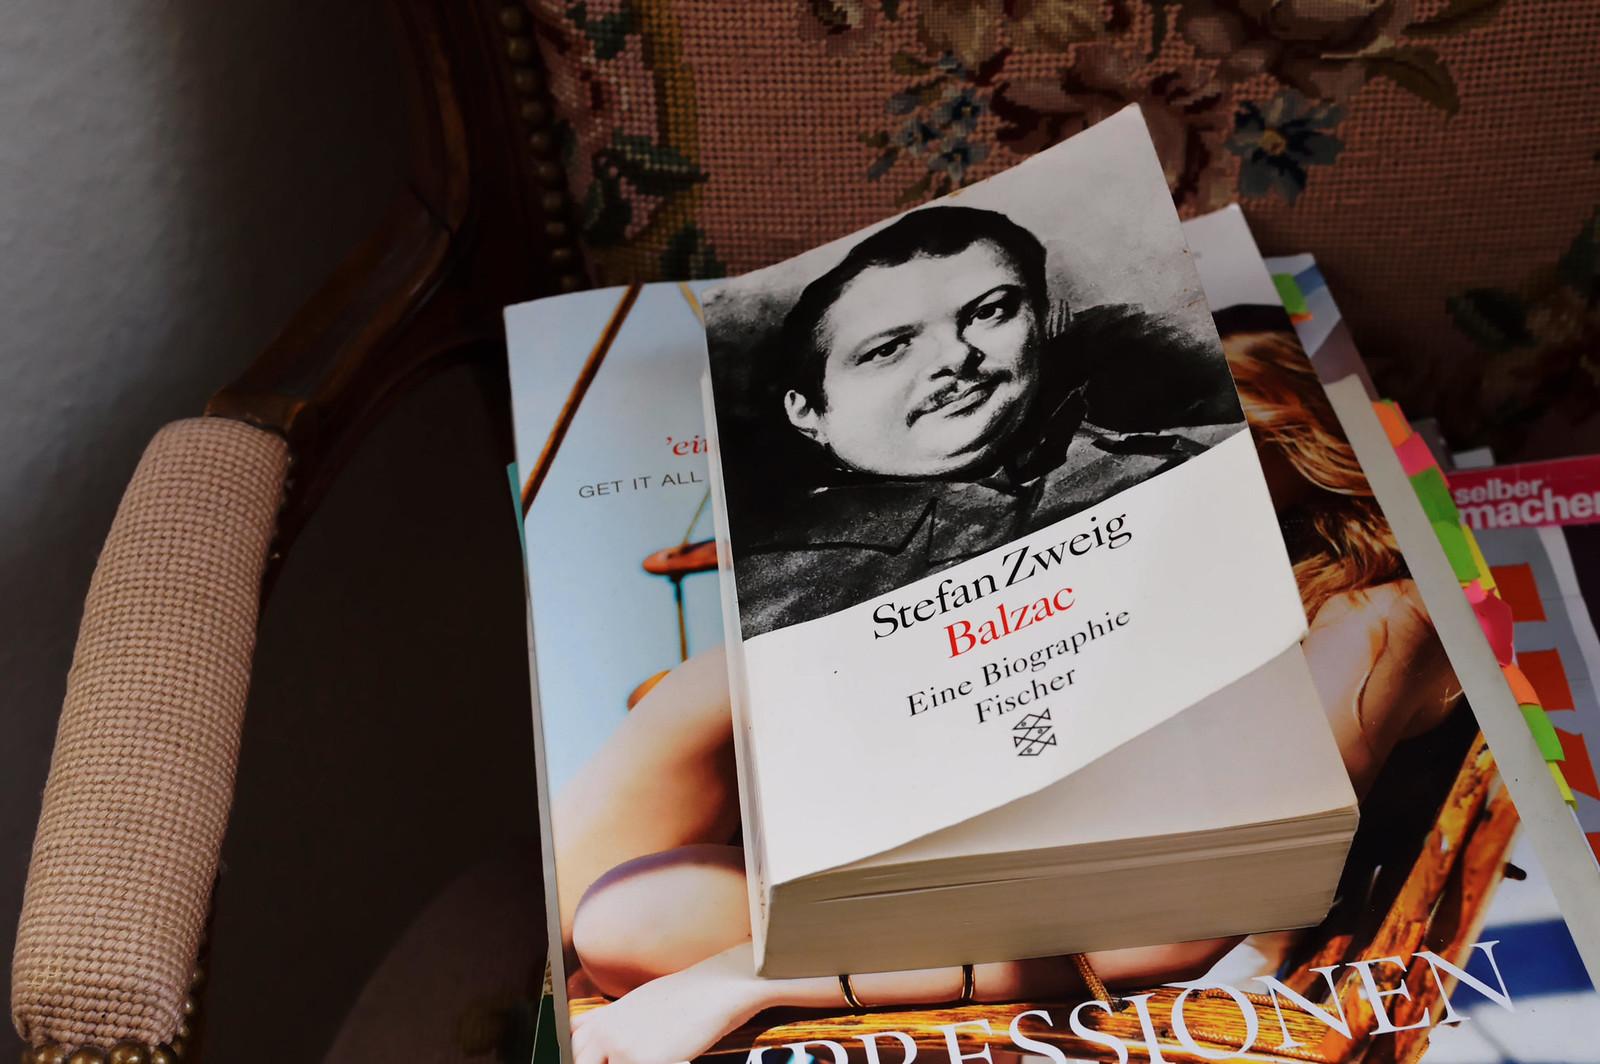 Stefan Zweig: Balzac